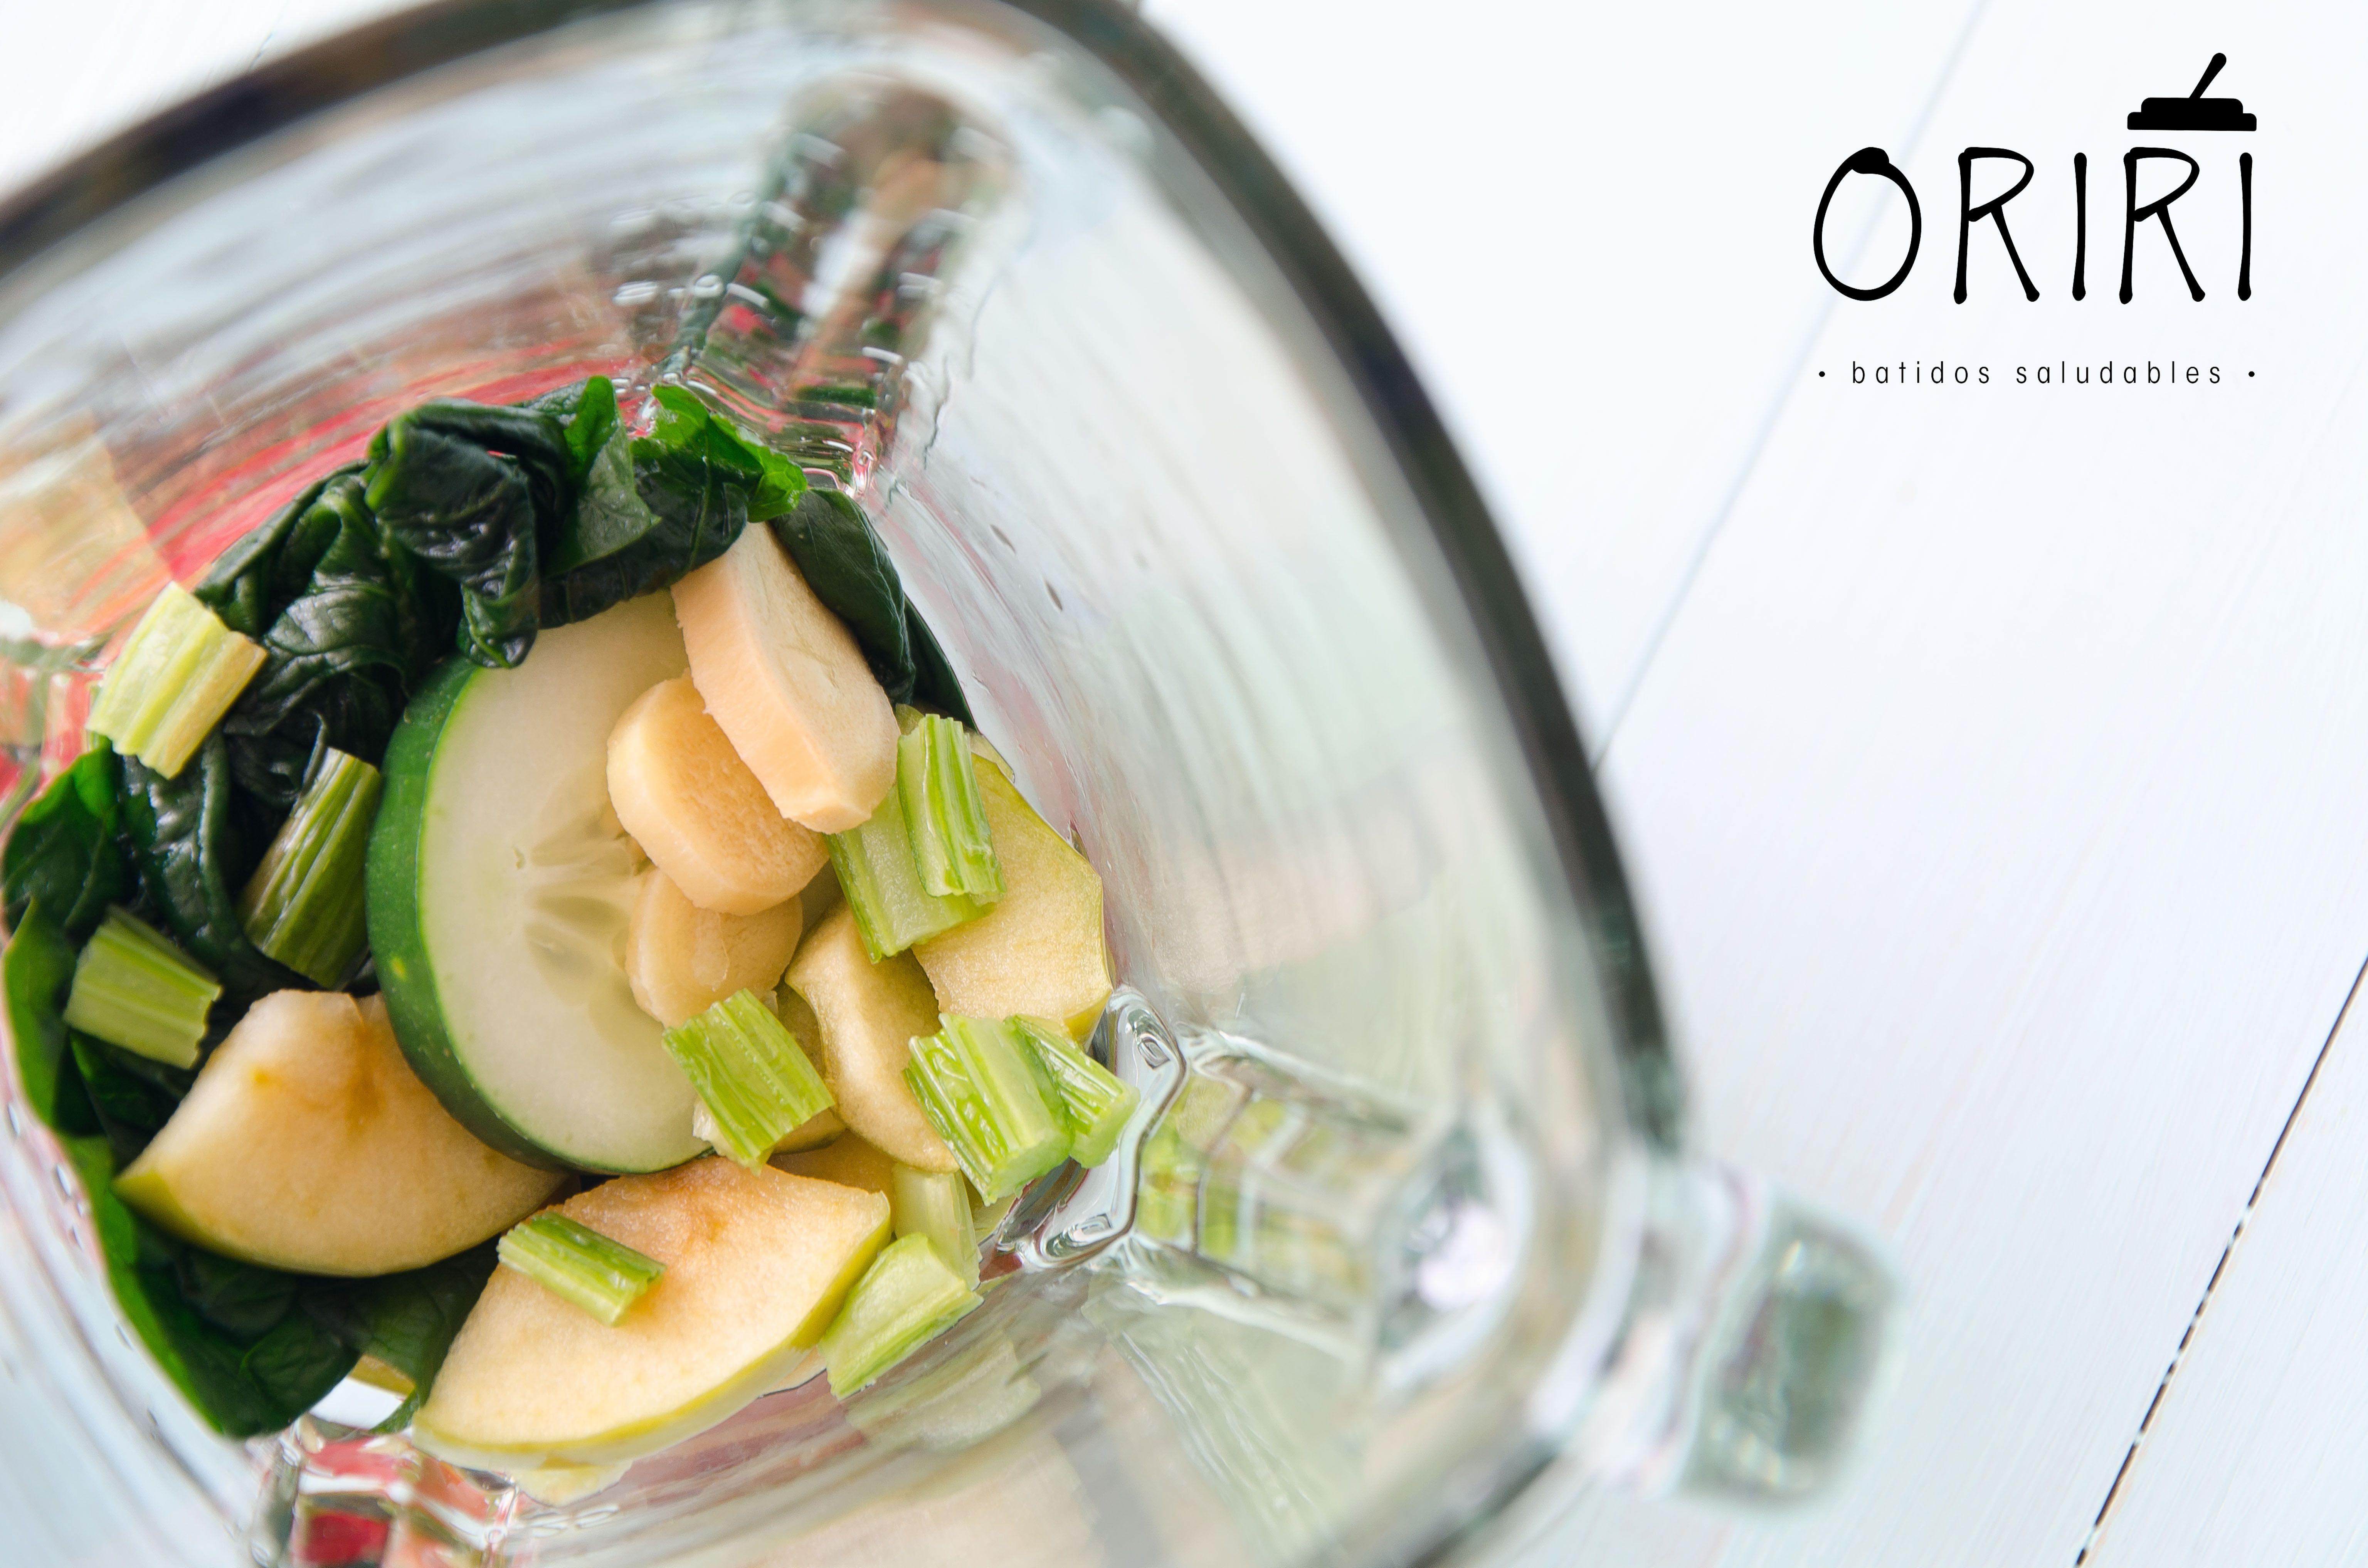 """Oriri: Del latin """"Origen"""" El inicio de un estilo de vida saludable y natural. Batidos congelados listos para preparar en segundos, solo necesitas una licuadora. Conoce nuestras mezclas en www.oriri.co Llámanos 📲 317 7027247 en Bogotá."""